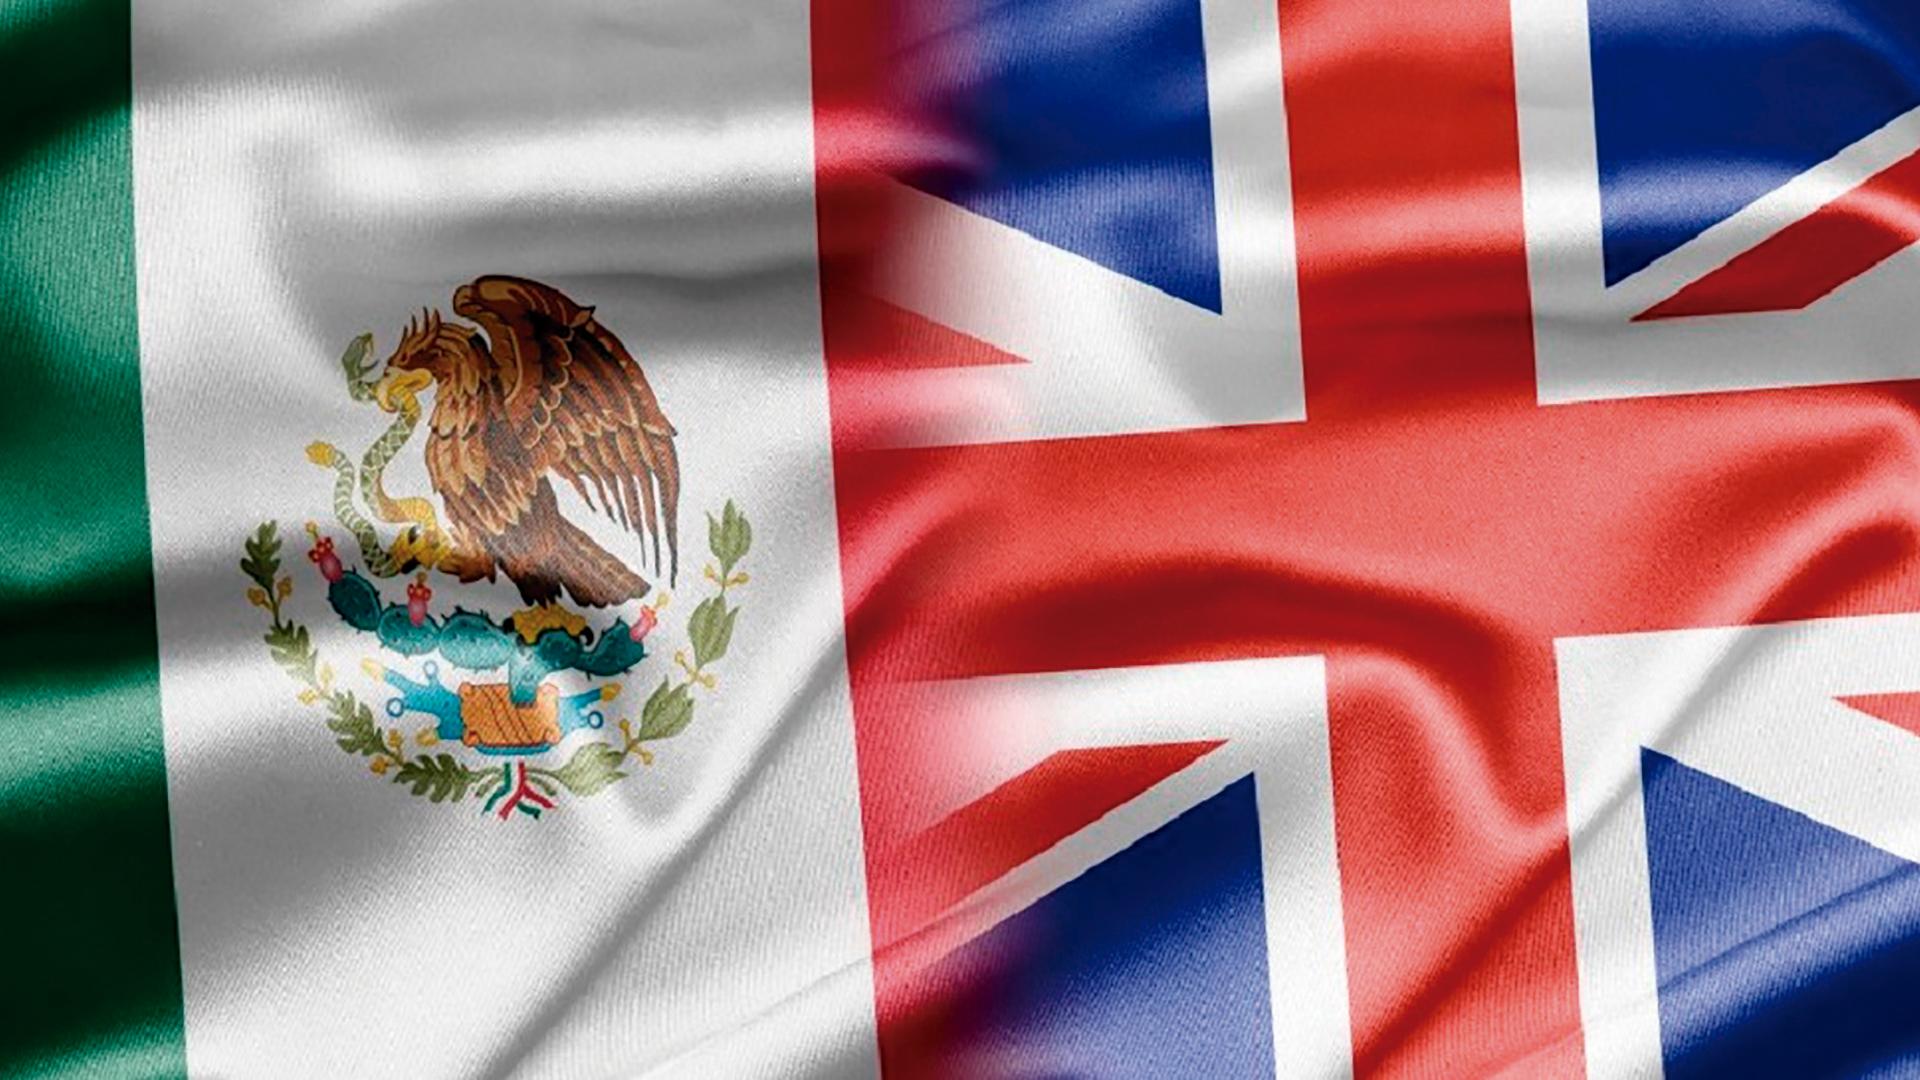 Nuevo acuerdo comercial bilateral entre Reino Unido y México, post Brexit_image1